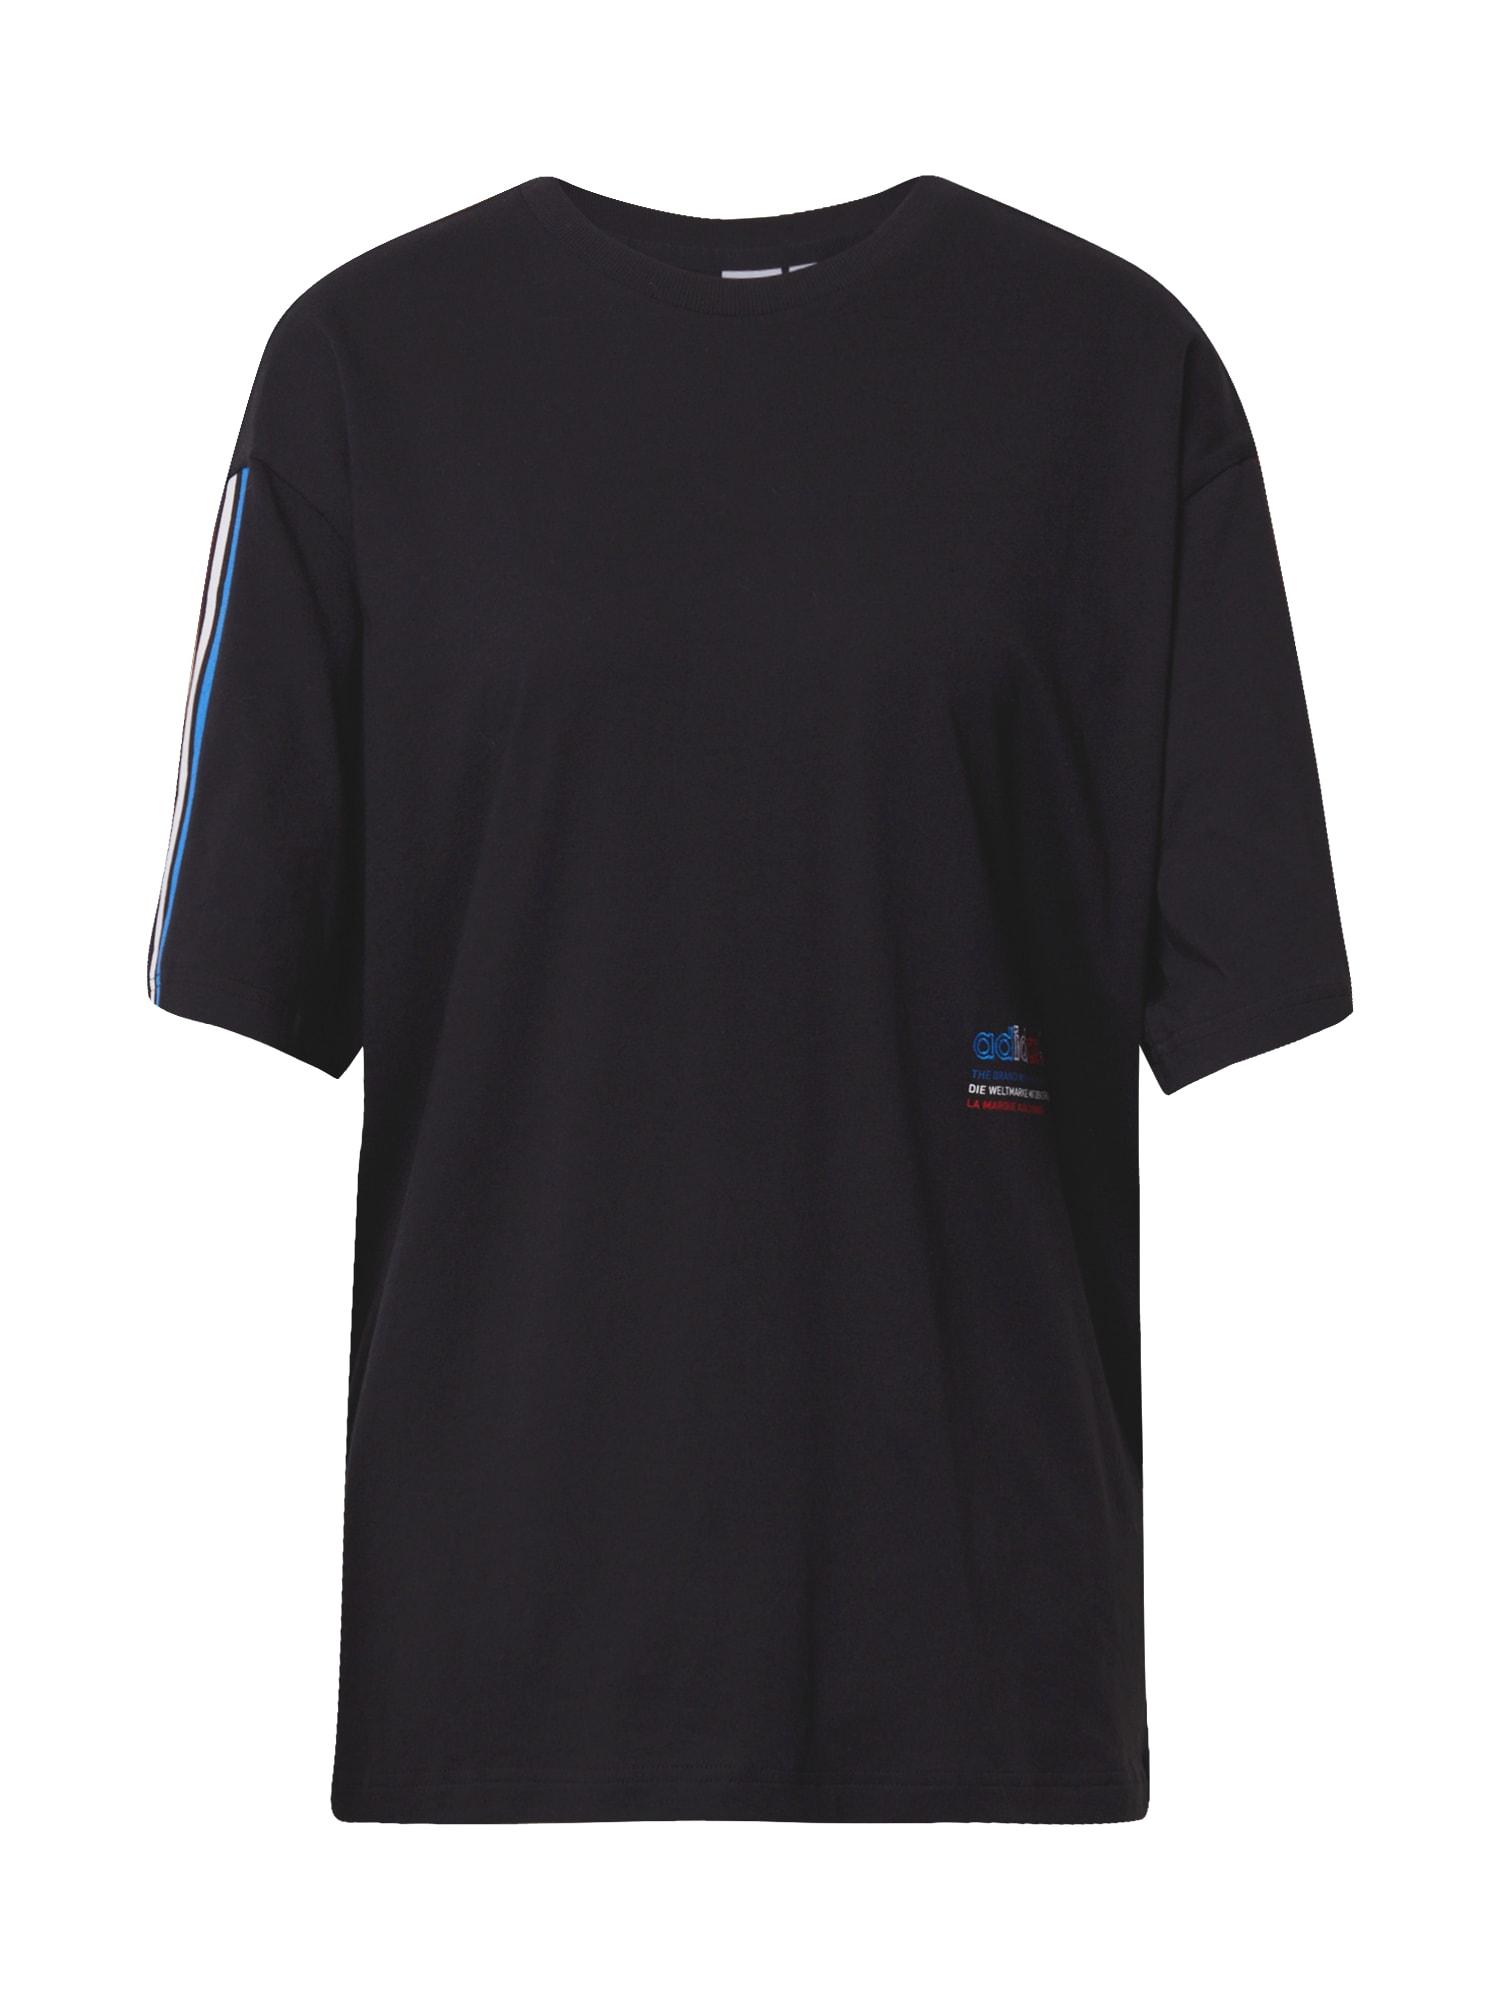 ADIDAS ORIGINALS Marškinėliai juoda / mėlyna / balta / raudona